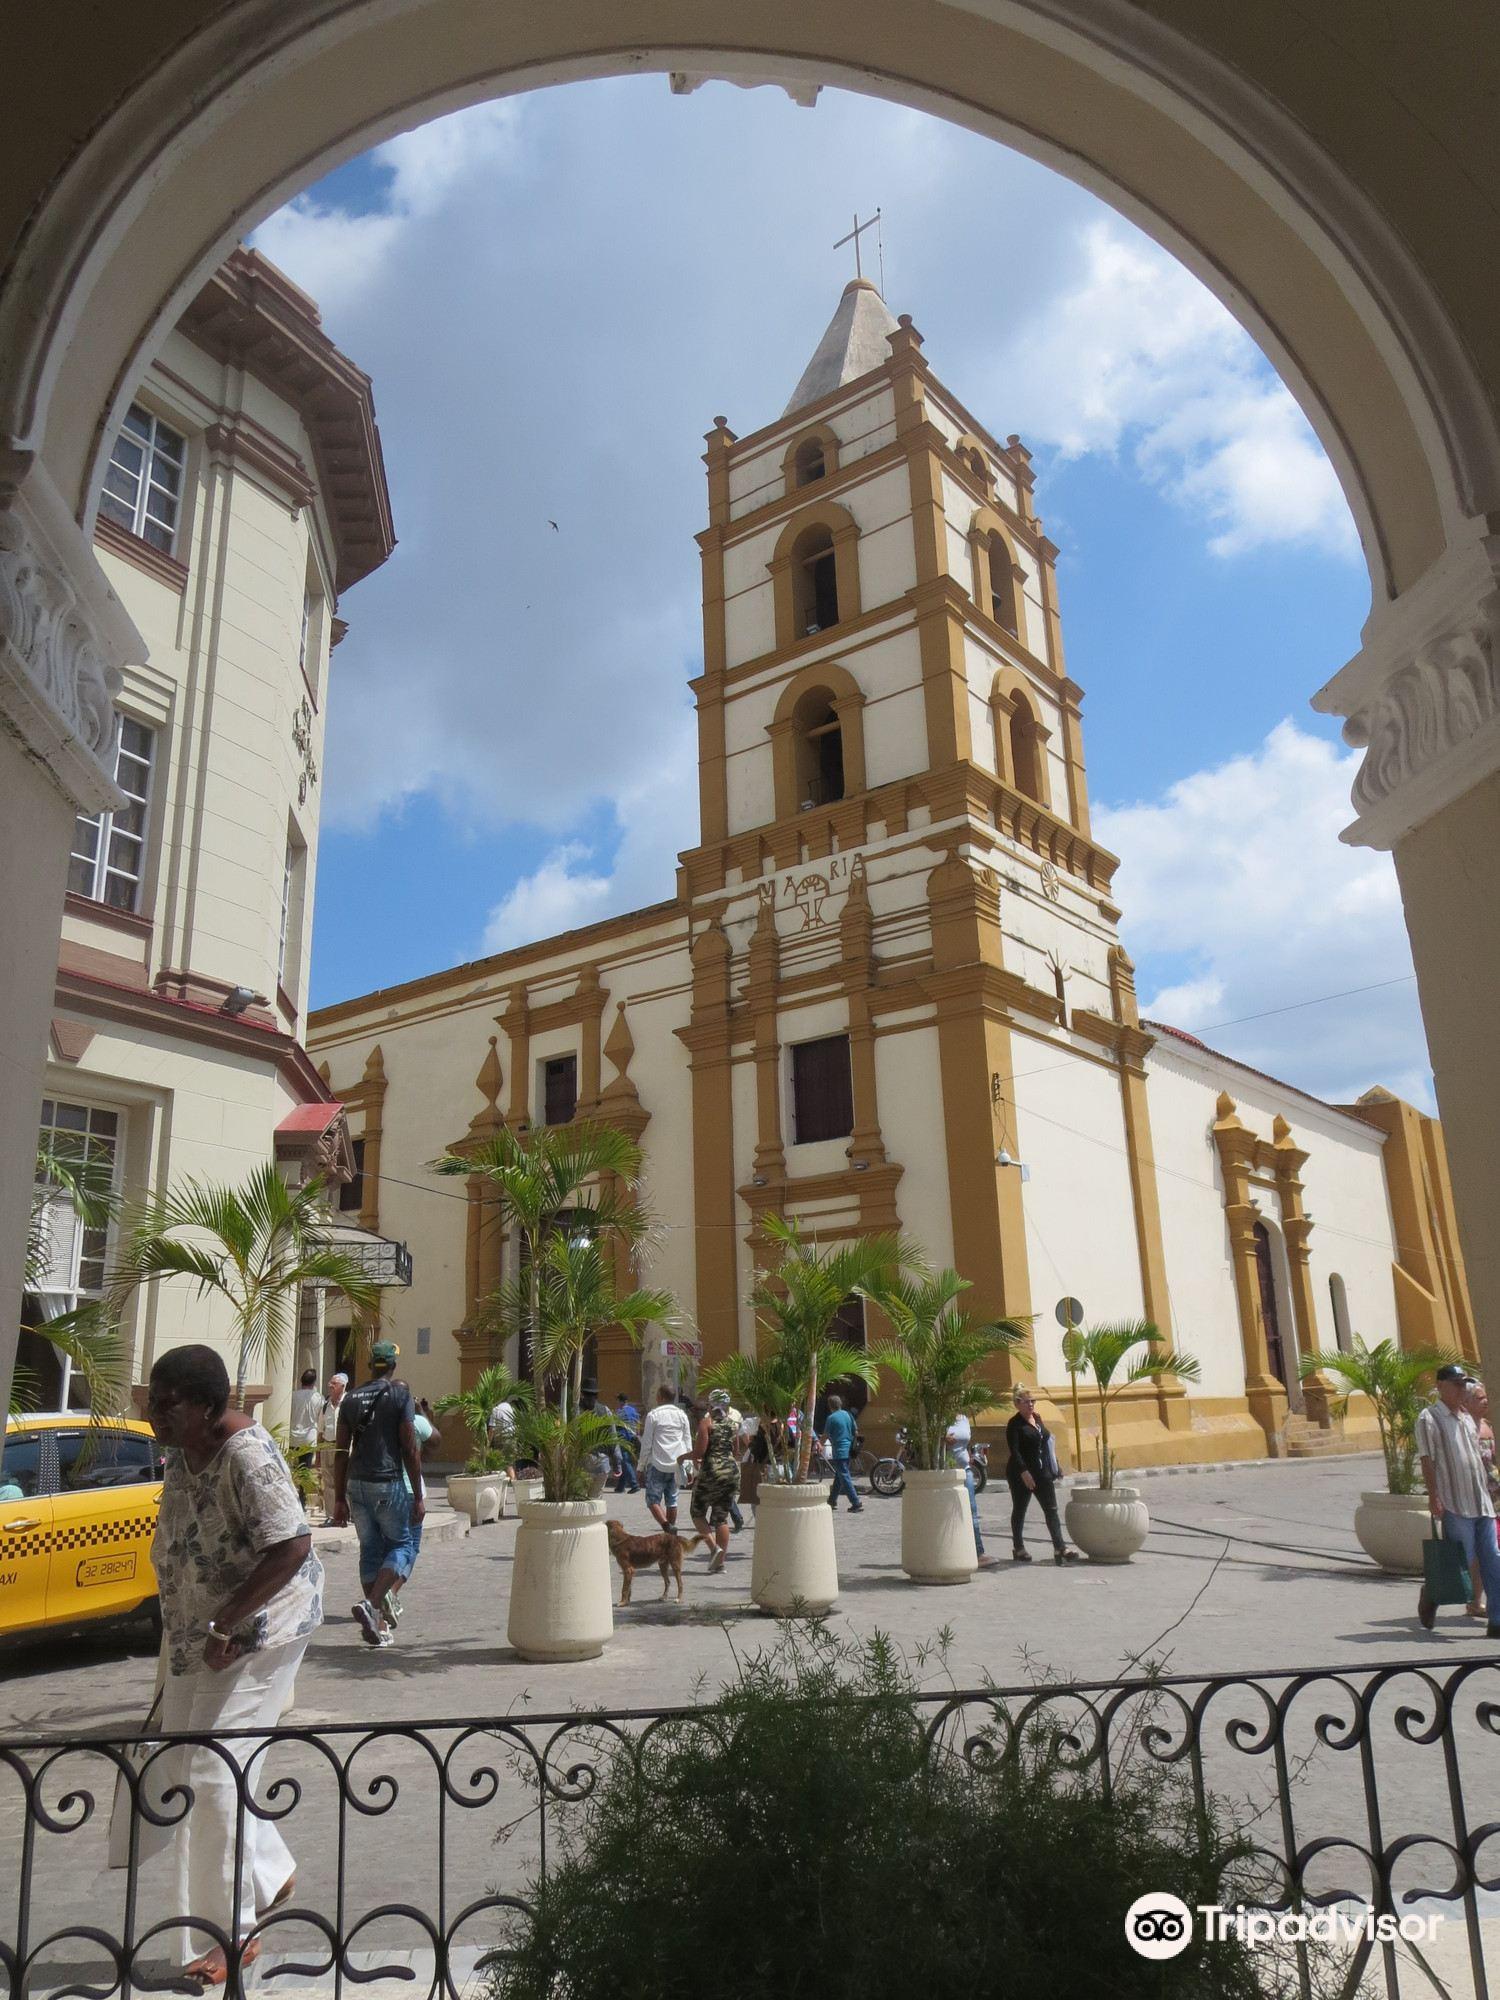 Iglesia de Nuestra Senora de la Merced